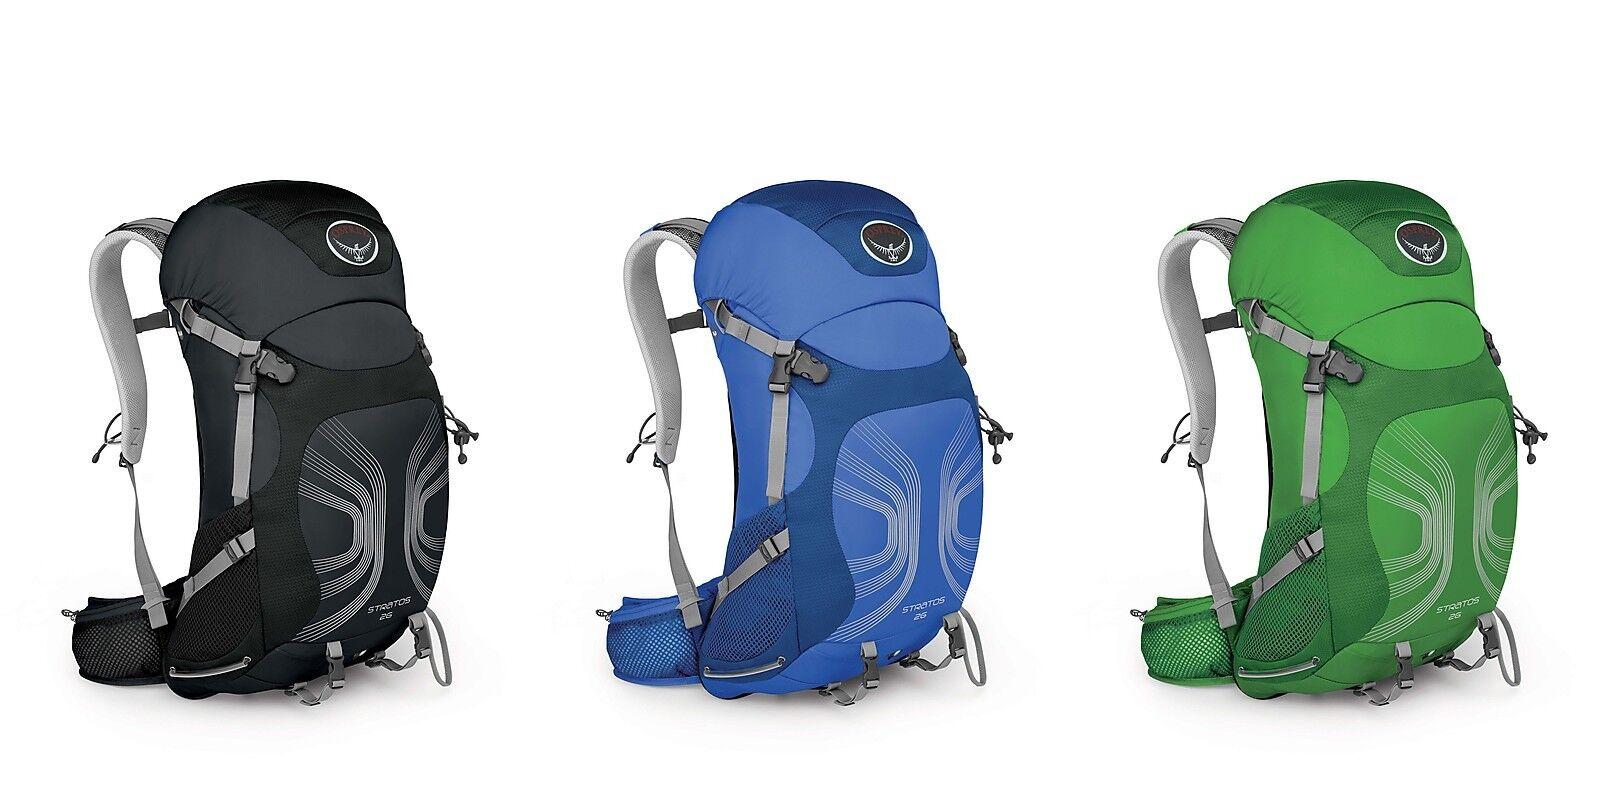 OSPREY Stratos 26 Backpack Rucksack  (Modell 2016 oder 2017) - NEUWARE